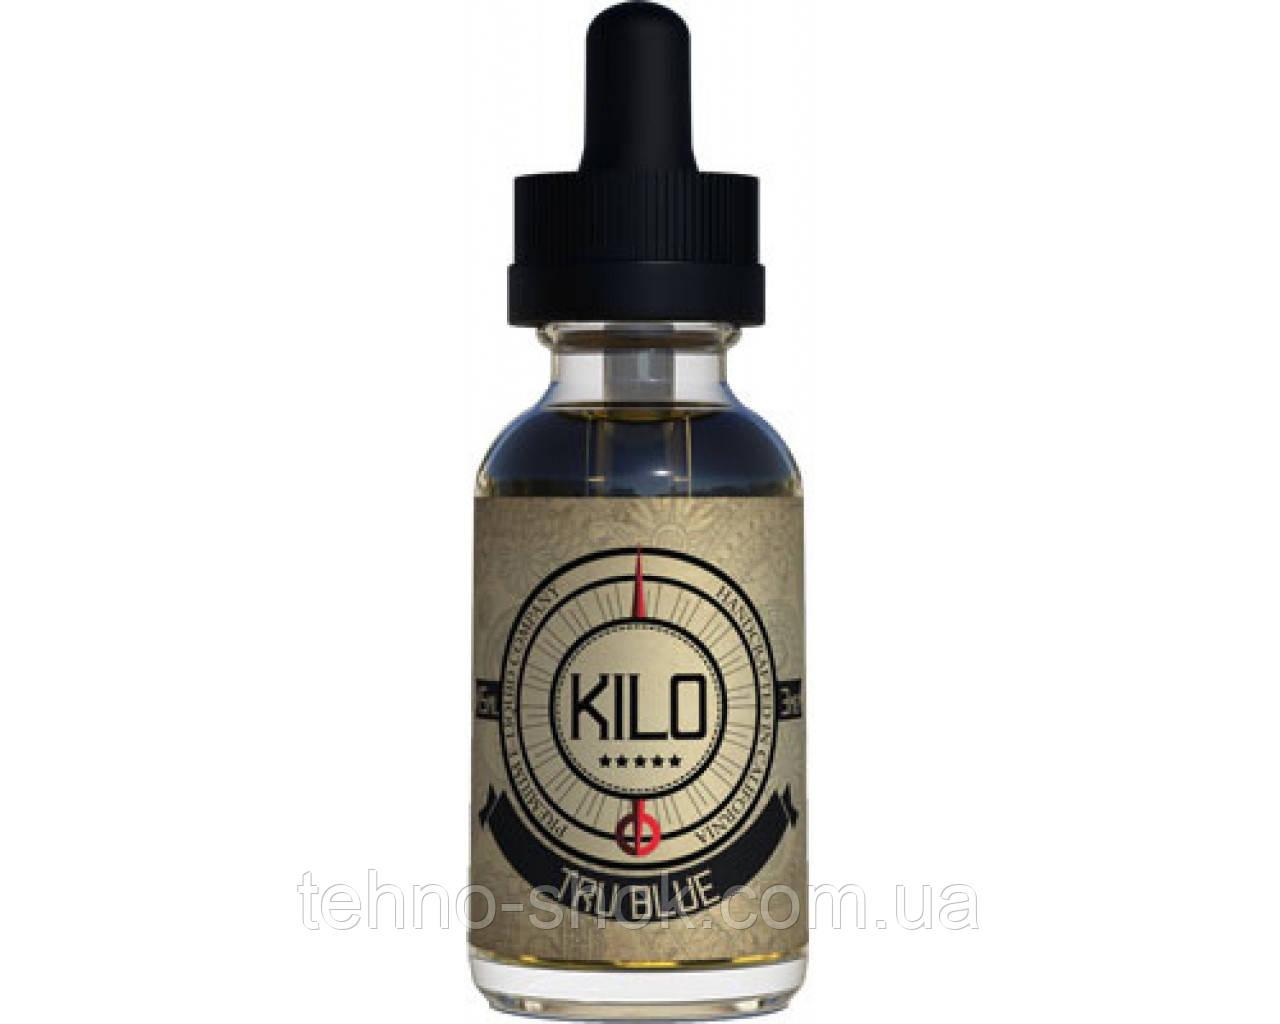 """Жидкость для электронных сигарет Kilo 30ml """"Tru Blue"""" (вкус черничного заварного крема) L-1"""